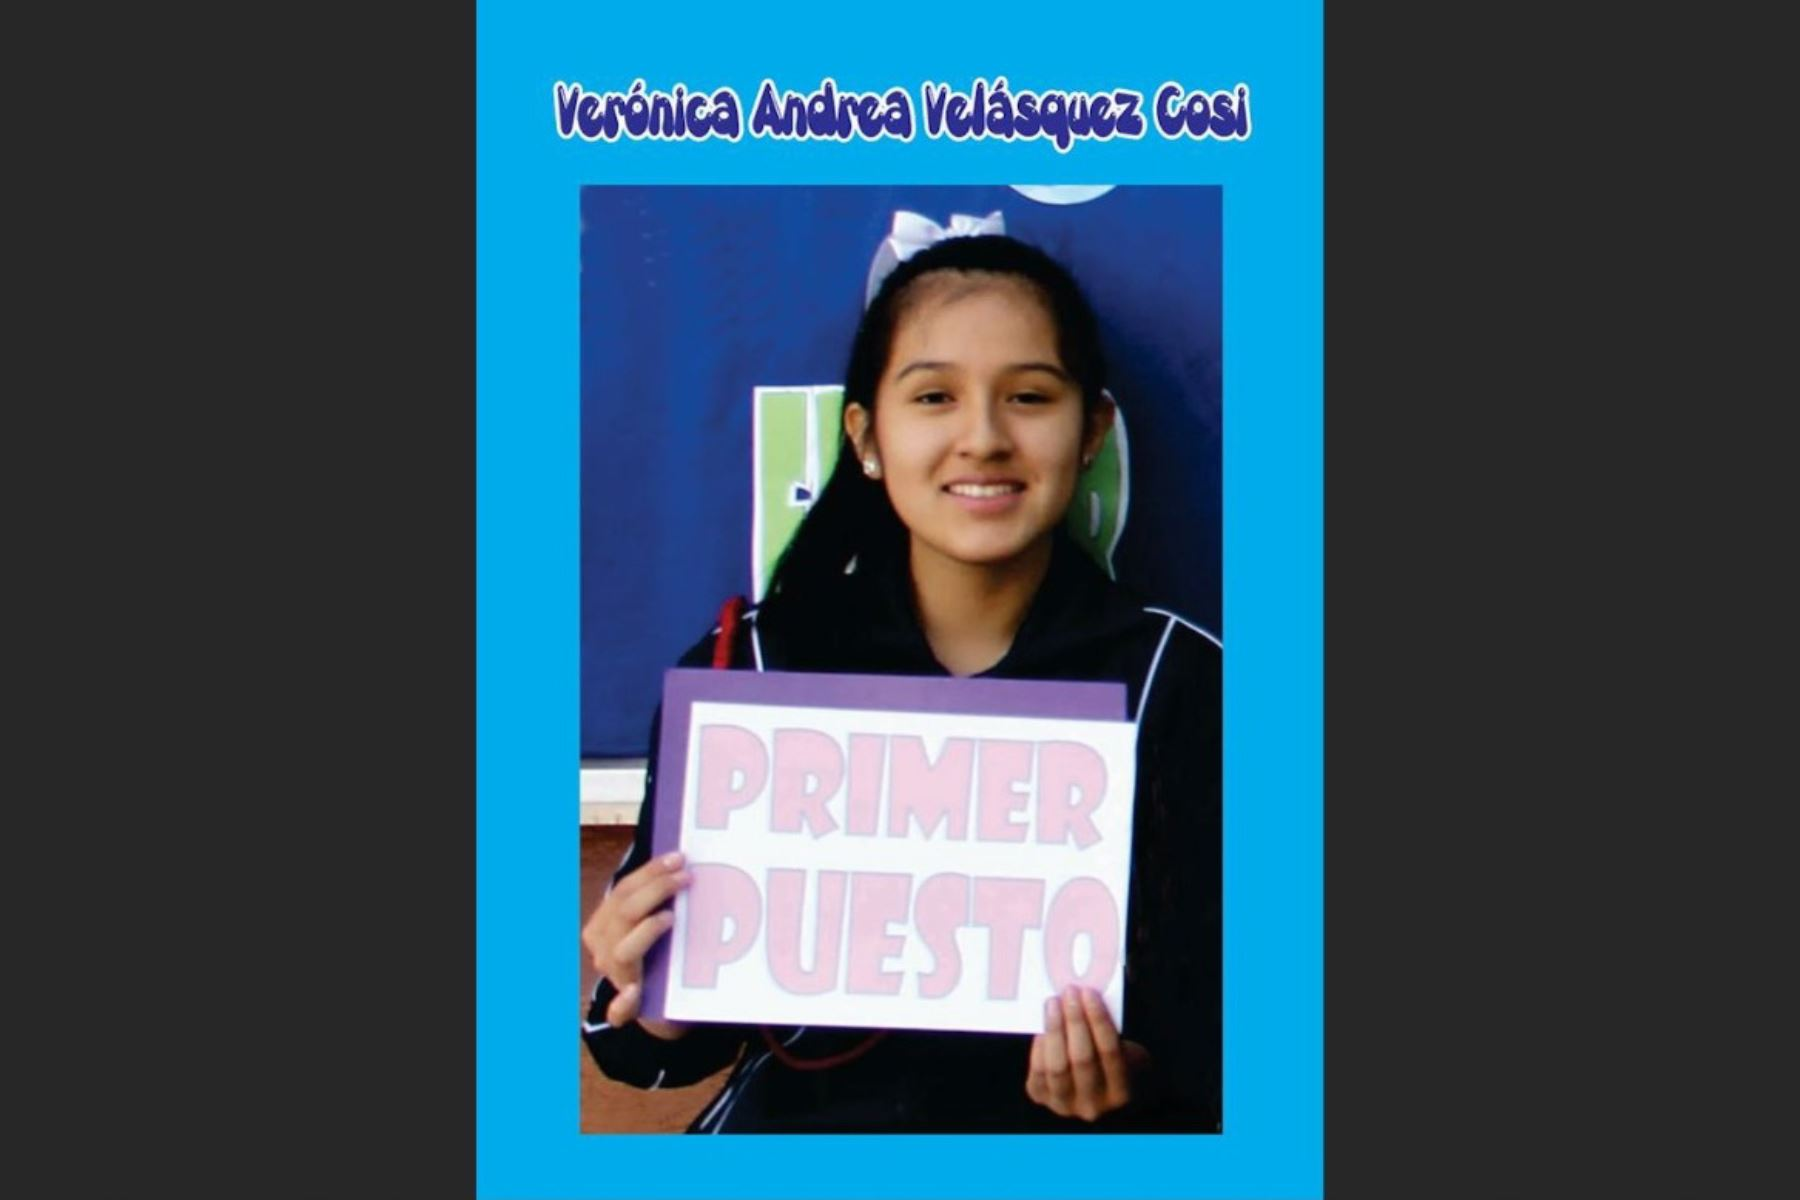 Verónica Andrea Velásquez Cosi, natural de Arequipa, ocupó el primer lugar en el examen de admisión a los colegios de alto rendimiento. Foto: colegio Lourdes Arequipa/Facebook.